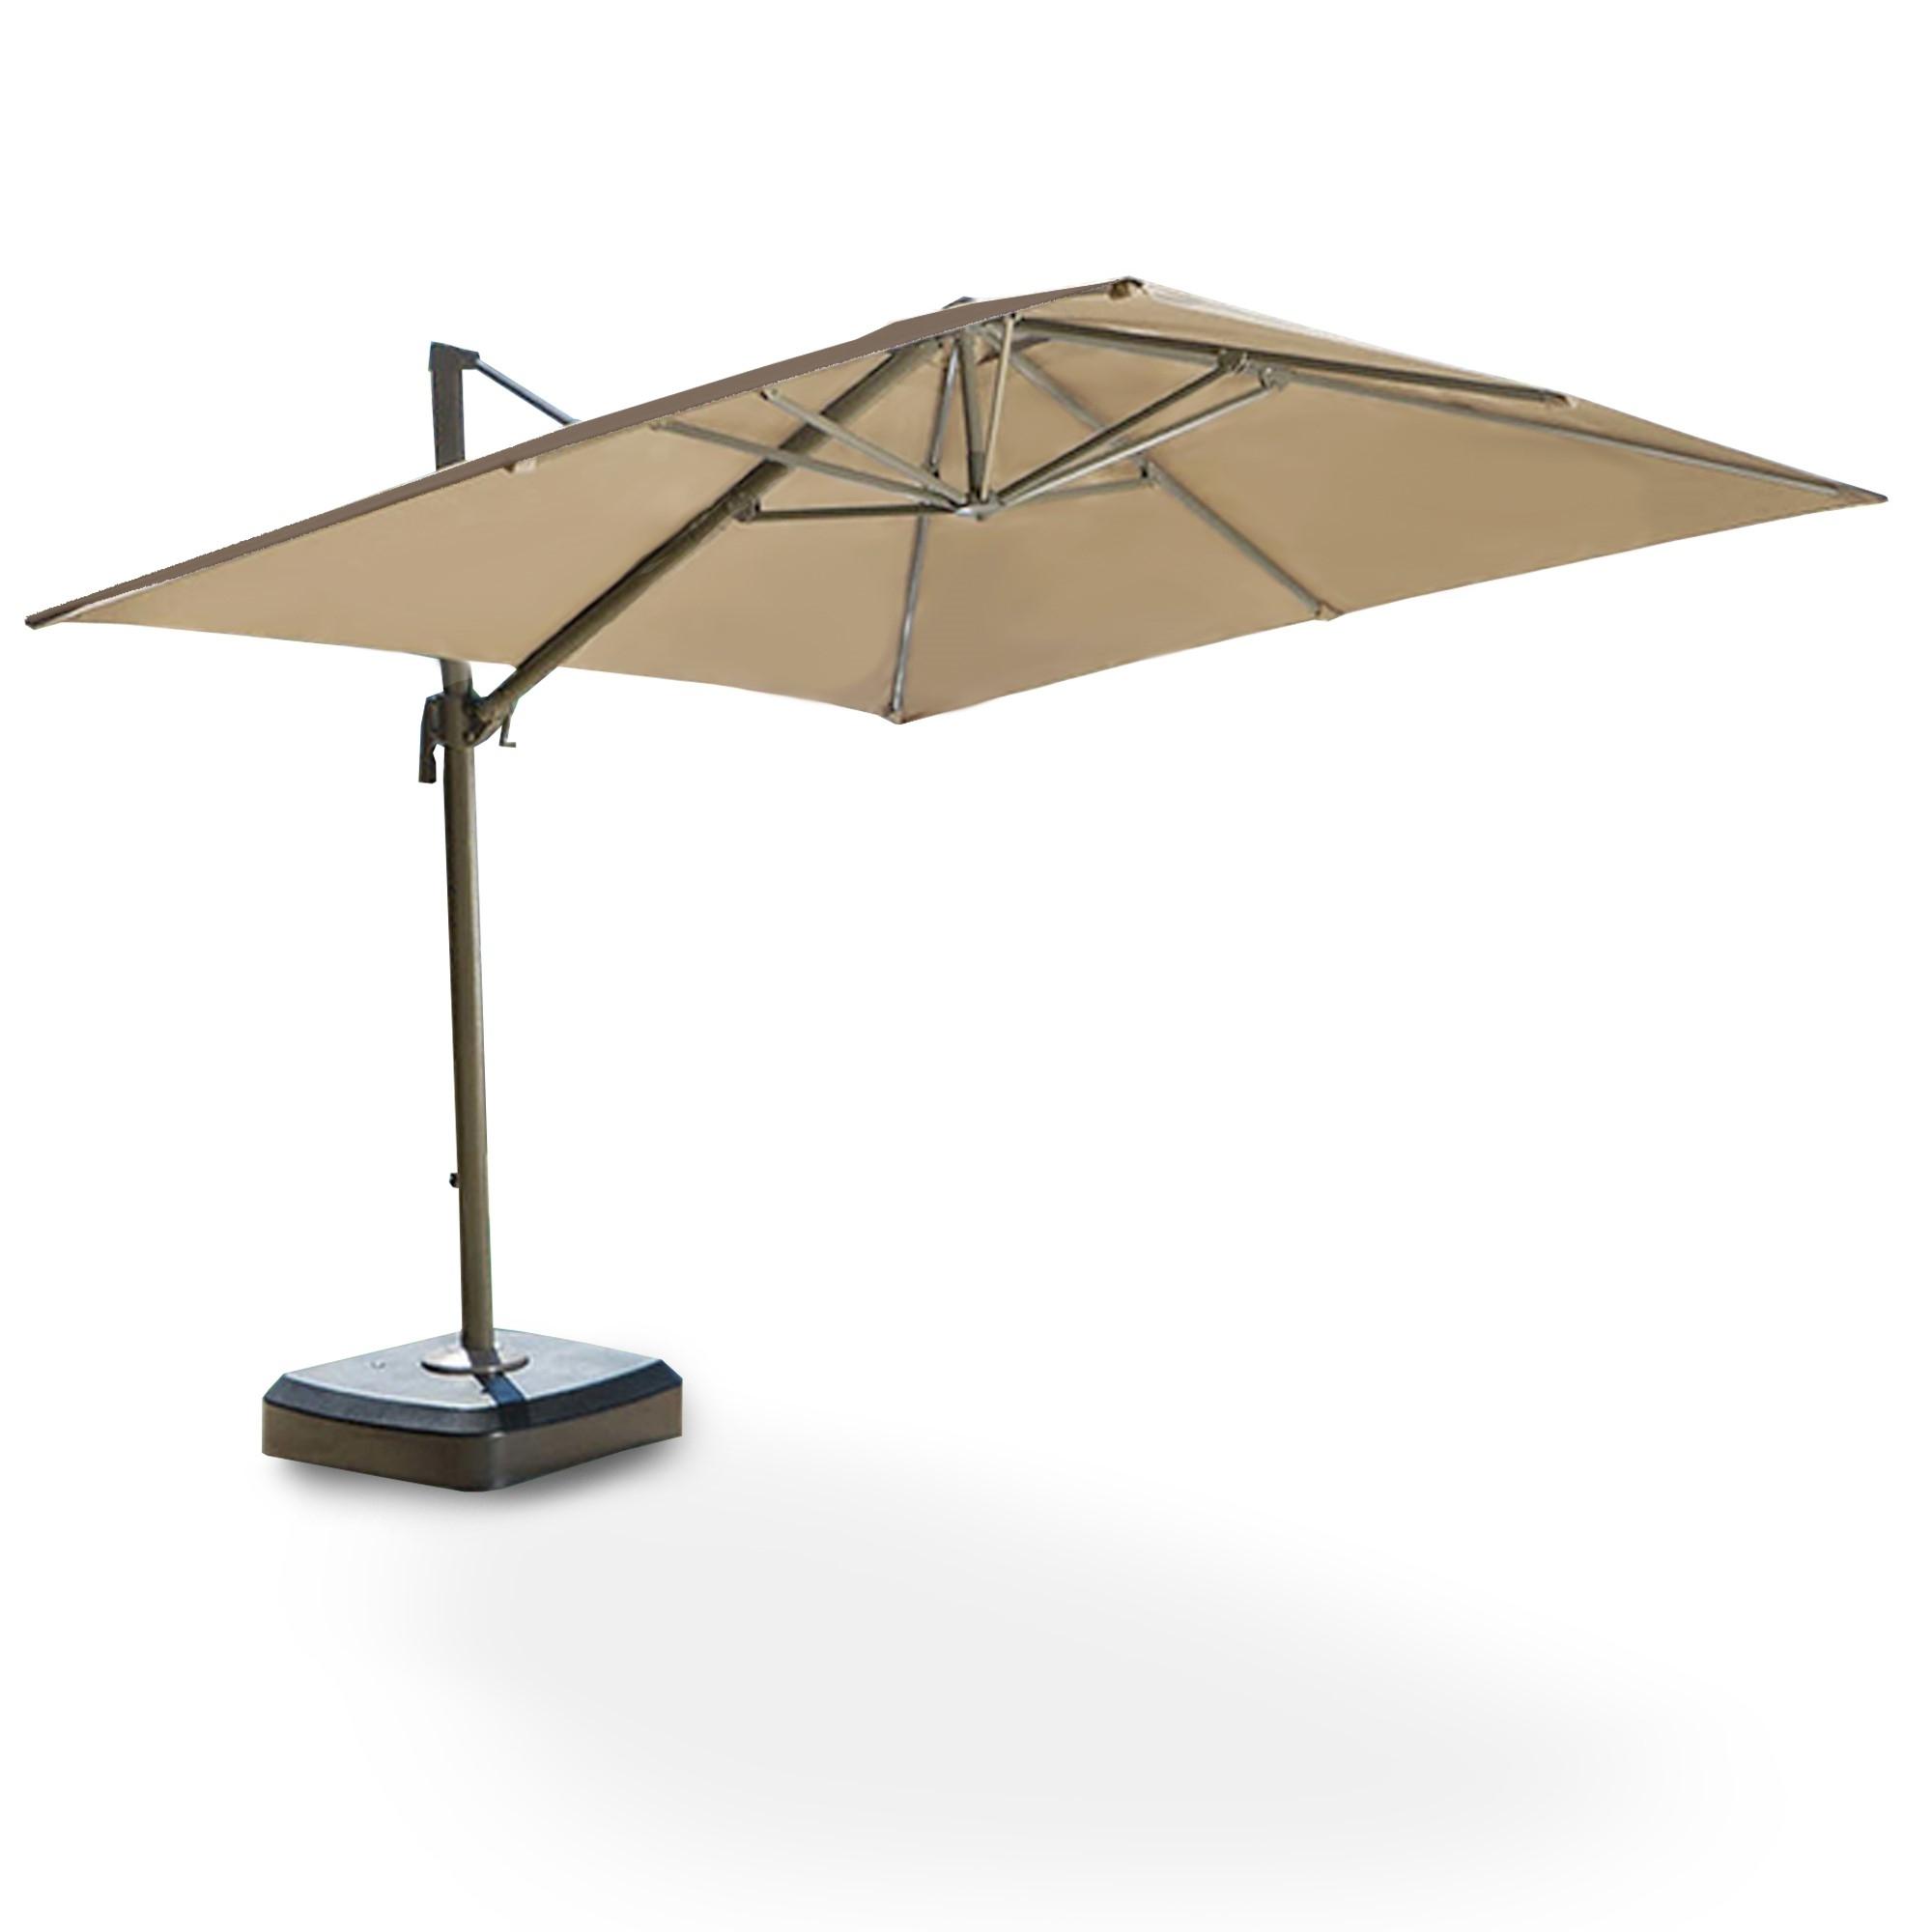 Kohls Outdoor Patio Umbrella